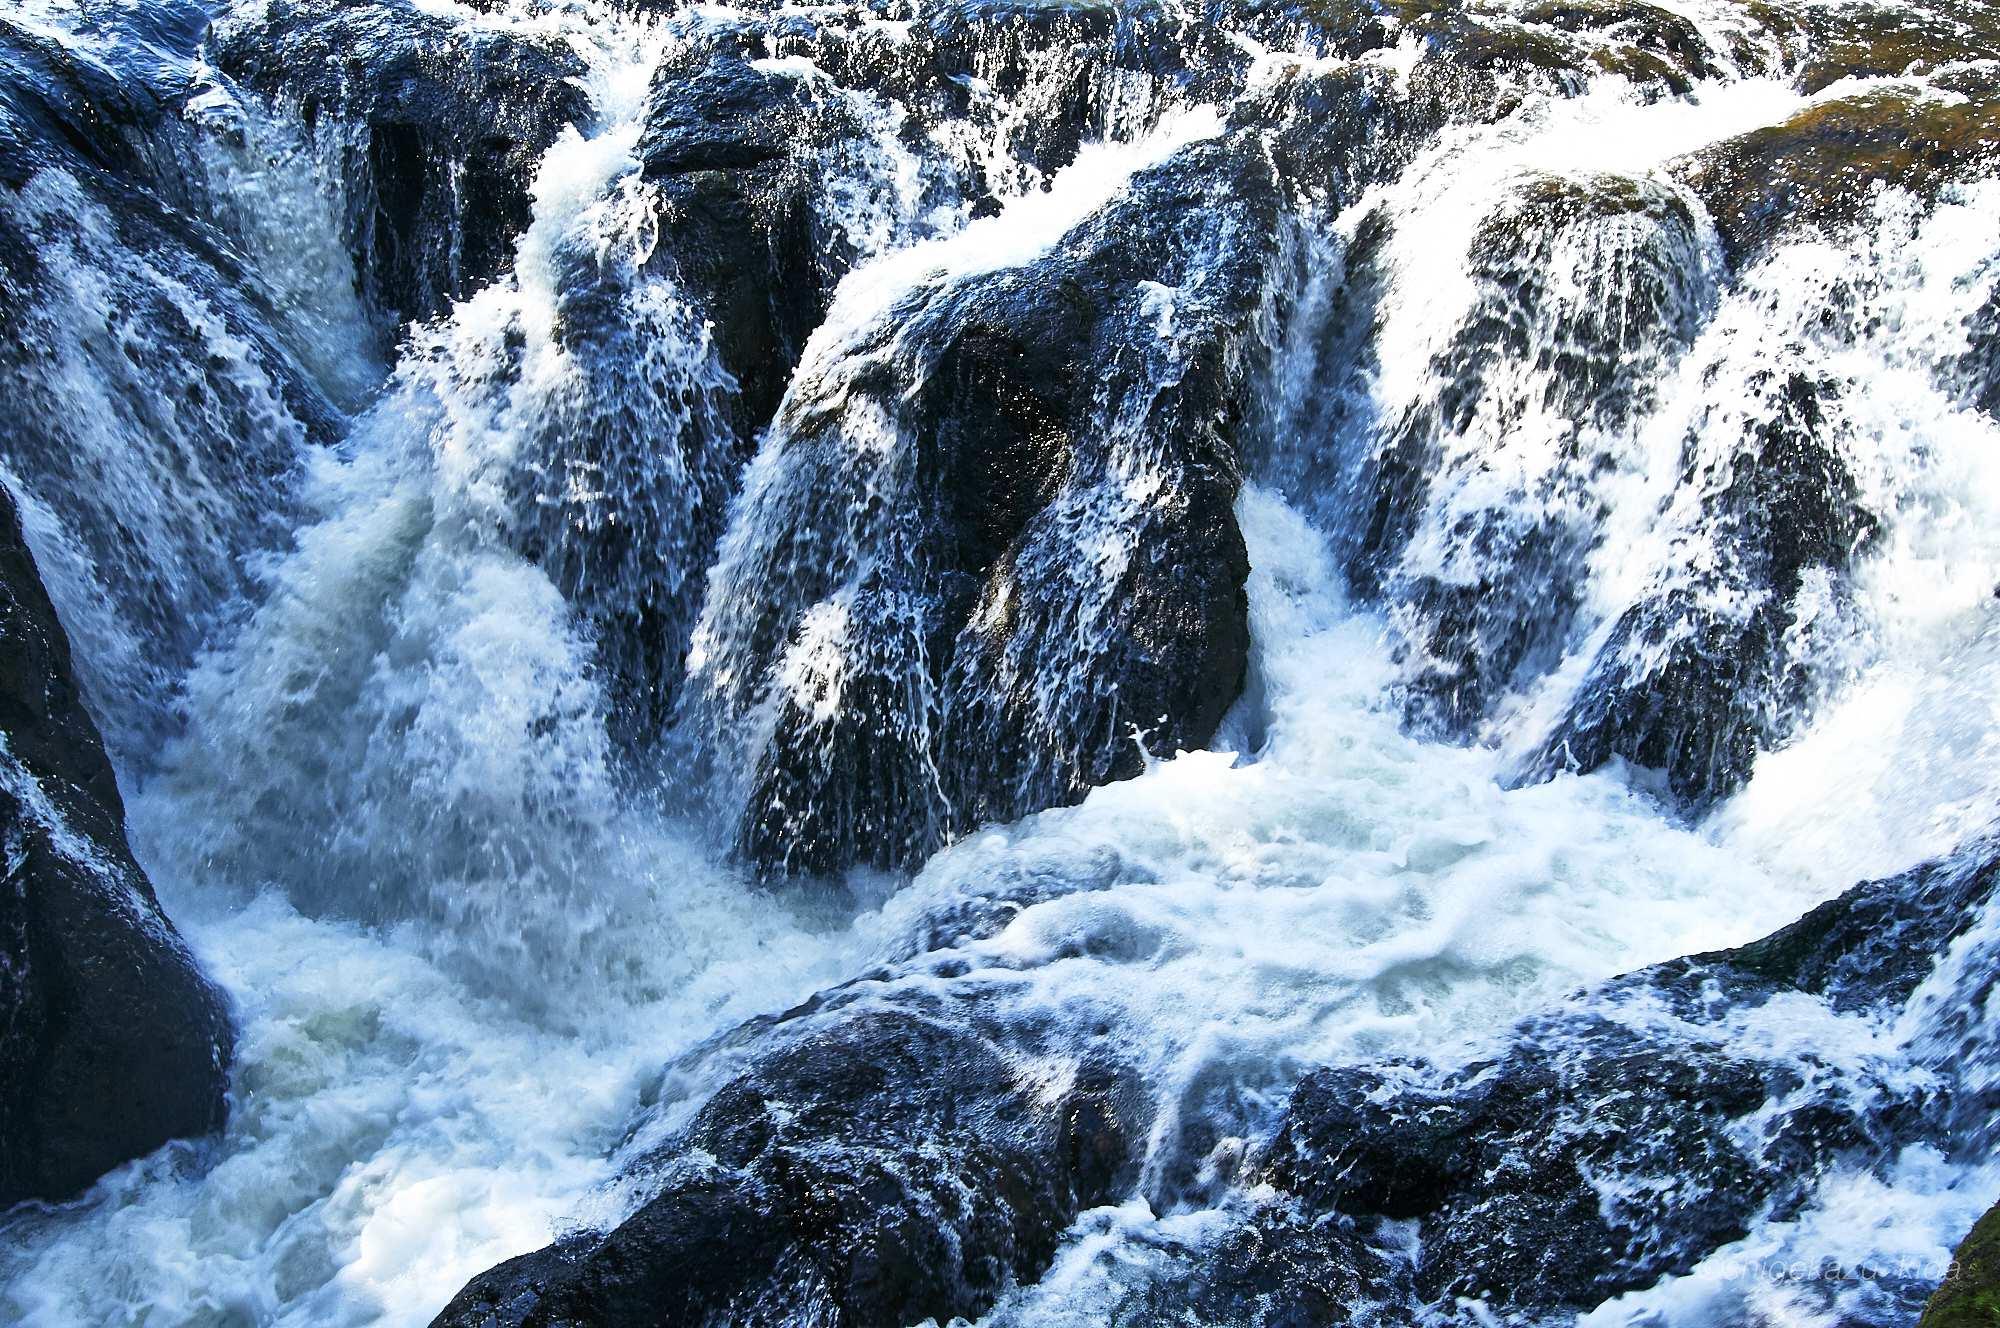 中禅寺湖につながる湯川の流れ